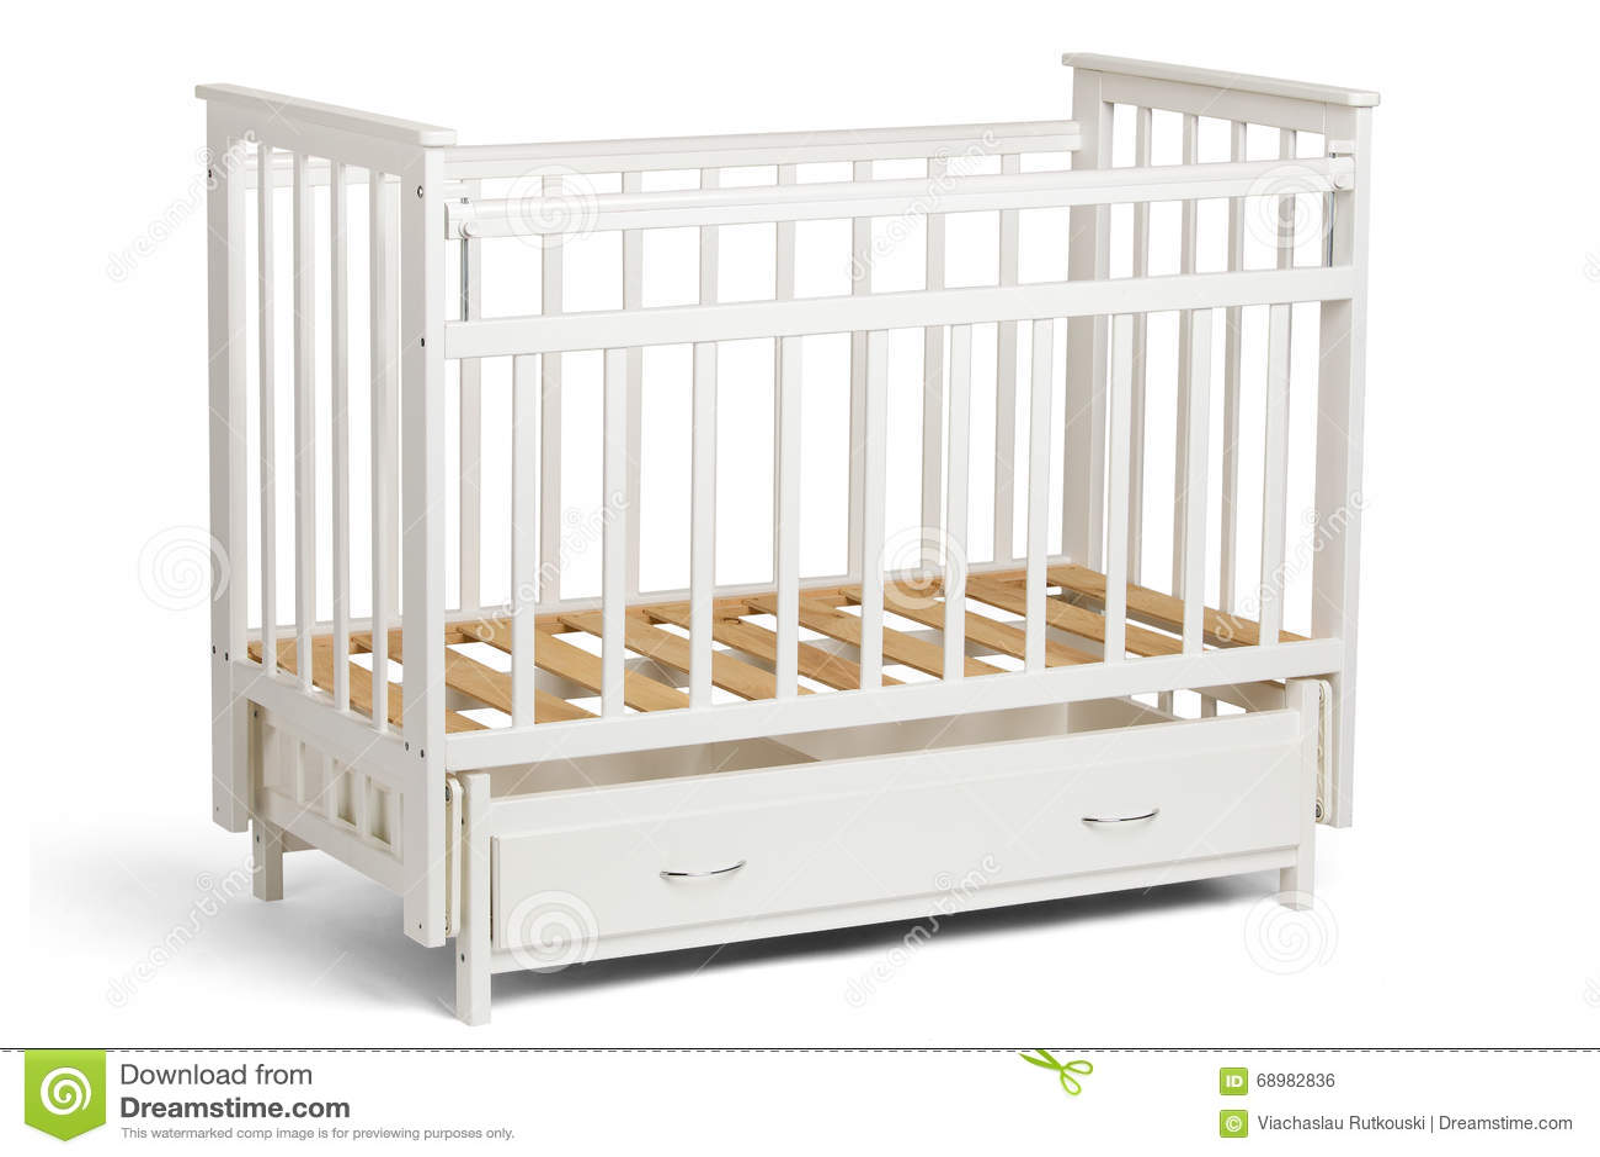 Pesebre blanco para los niños sin el colchón